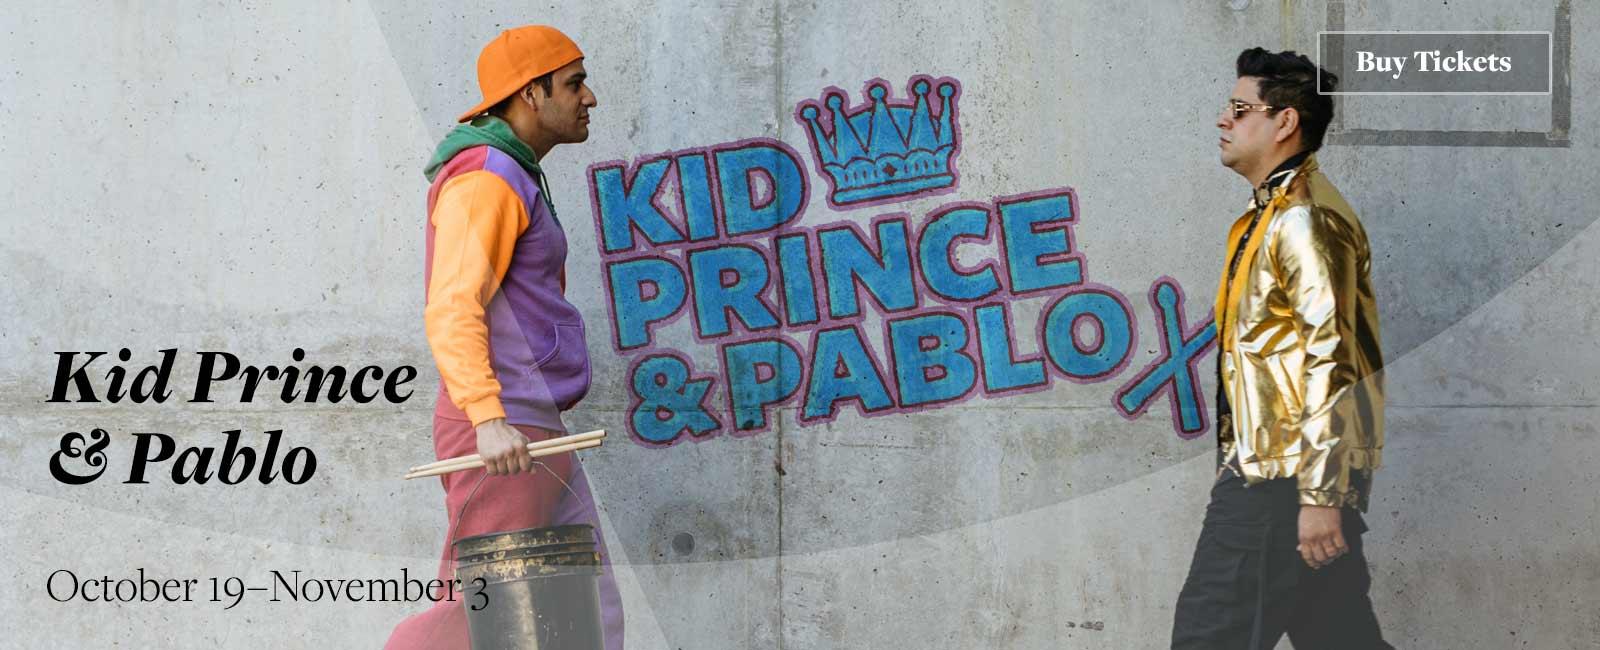 Kid Prince and Pablo